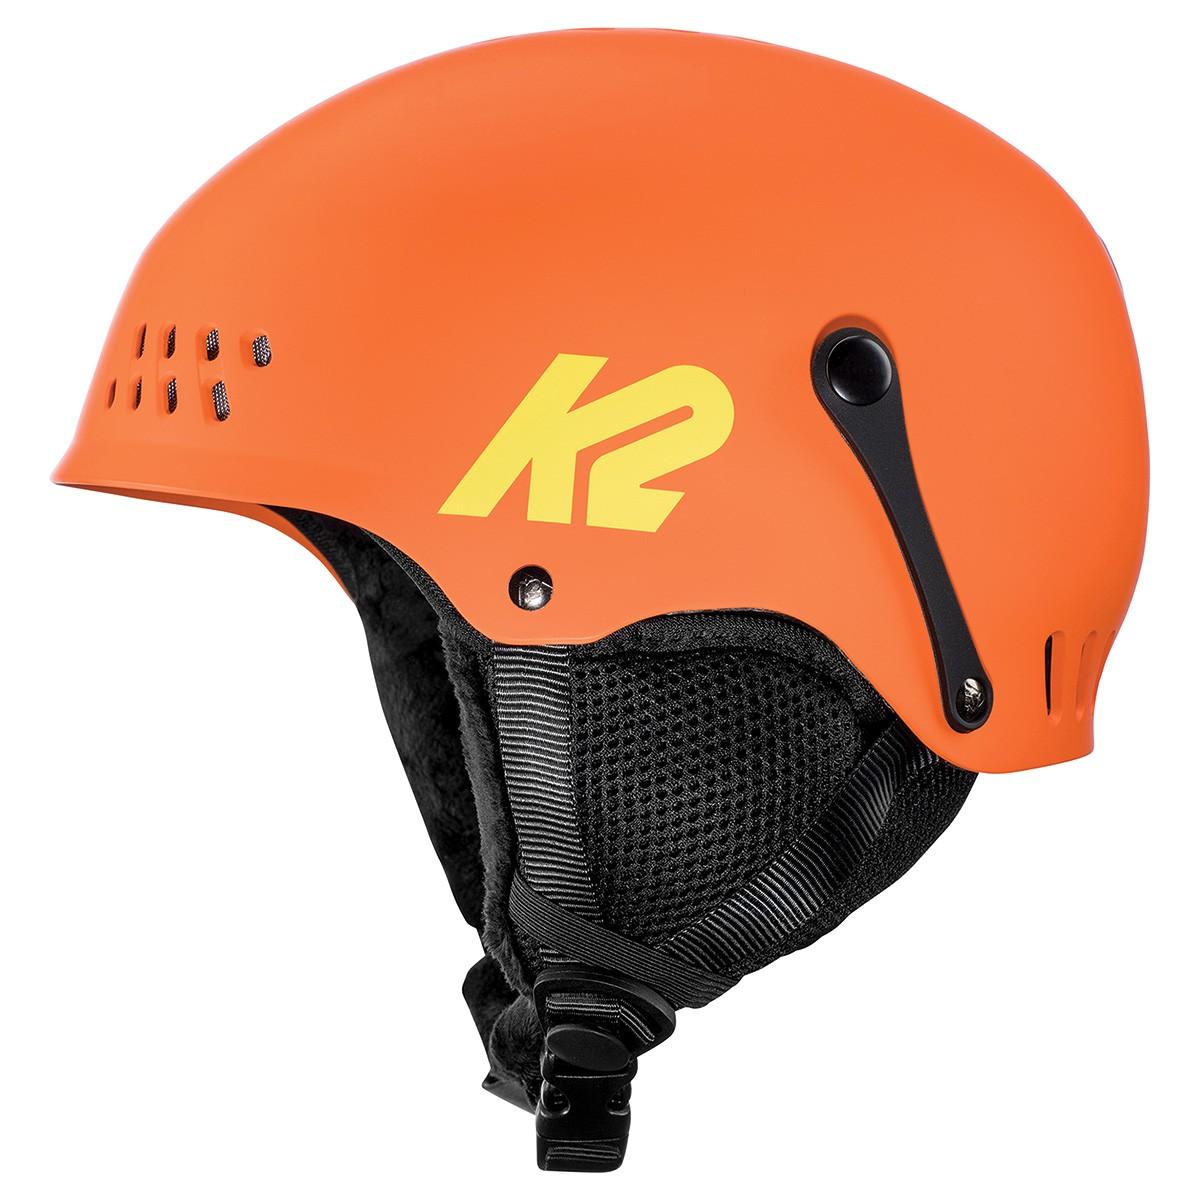 Casco sci K2 Entity (Colore: arancio, Taglia: 48/51)